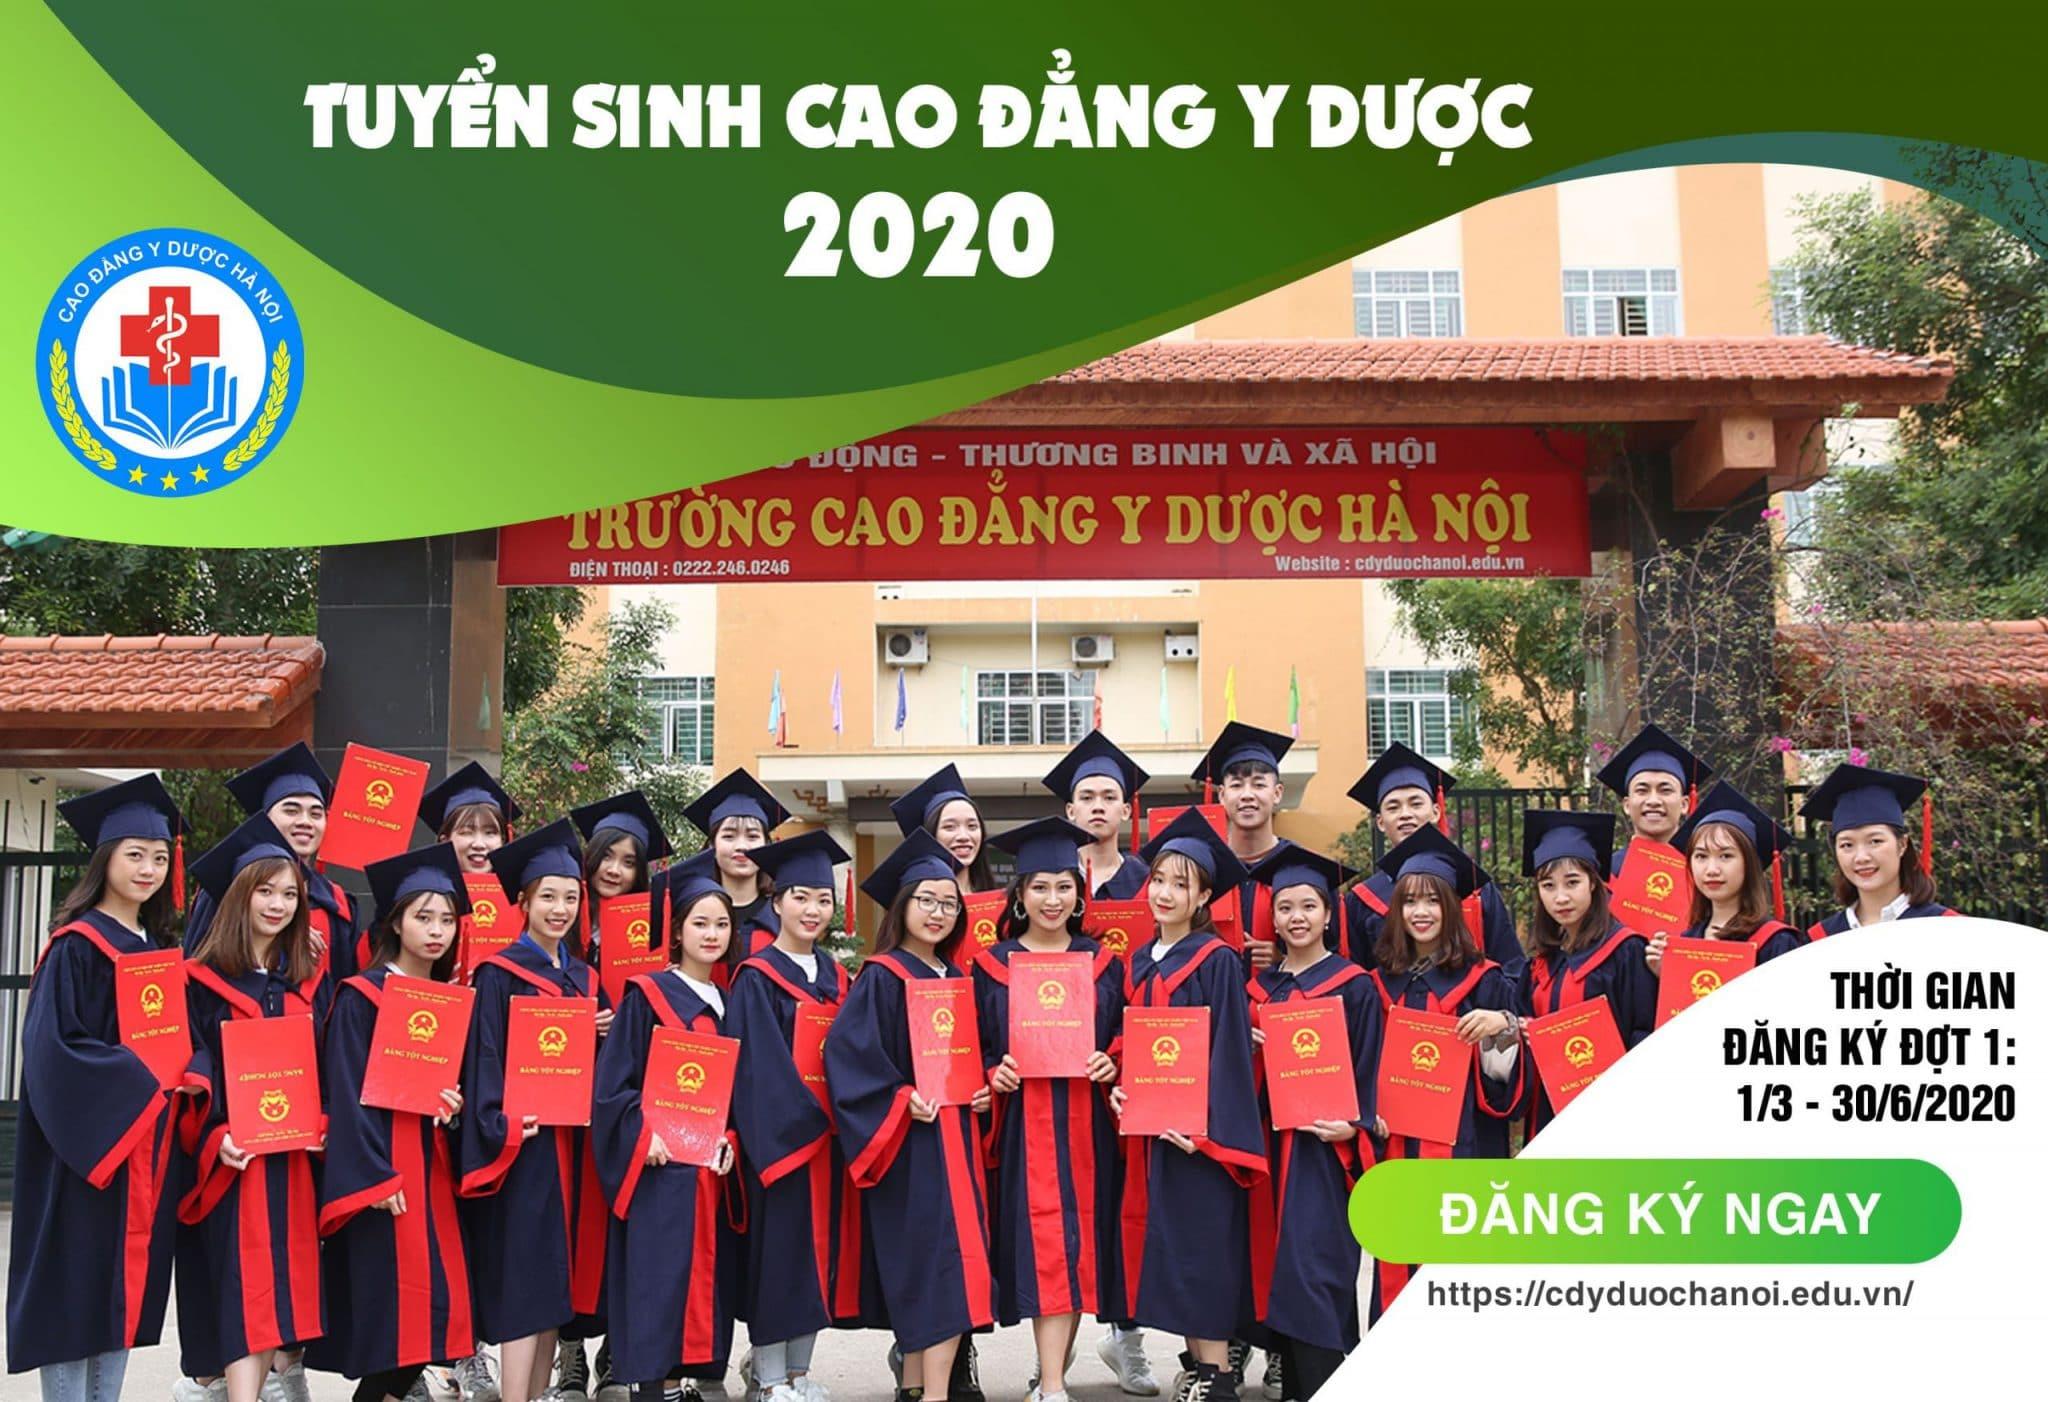 Thông tin tuyển sinh cao đẳng y dược 2020